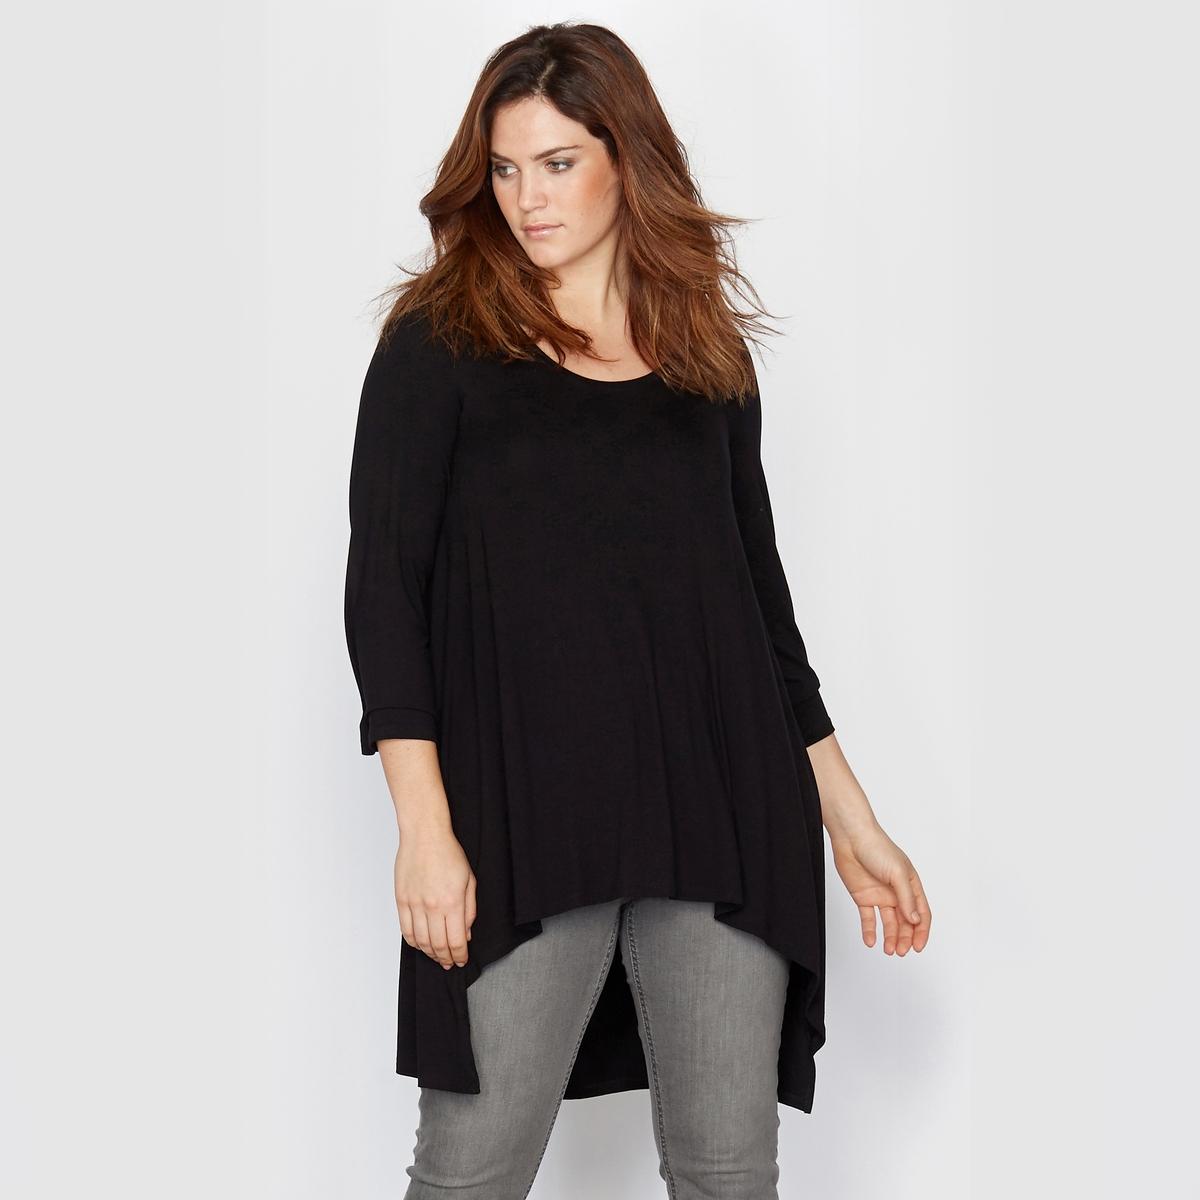 Футболка свободного покрояФутболка. Вам будет удобно в этой футболке широкого покроя с удлиненной спинкой и свободным круглым вырезом. Рукава 3/4. Футболка из мягкого эластичного трикотажа: 95% вискозы, 5% эластана. Длина : 75 см.<br><br>Цвет: розовый пурпурный,темно-серый меланж,черный<br>Размер: 42/44 (FR) - 48/50 (RUS).46/48 (FR) - 52/54 (RUS).42/44 (FR) - 48/50 (RUS).54/56 (FR) - 60/62 (RUS).50/52 (FR) - 56/58 (RUS)